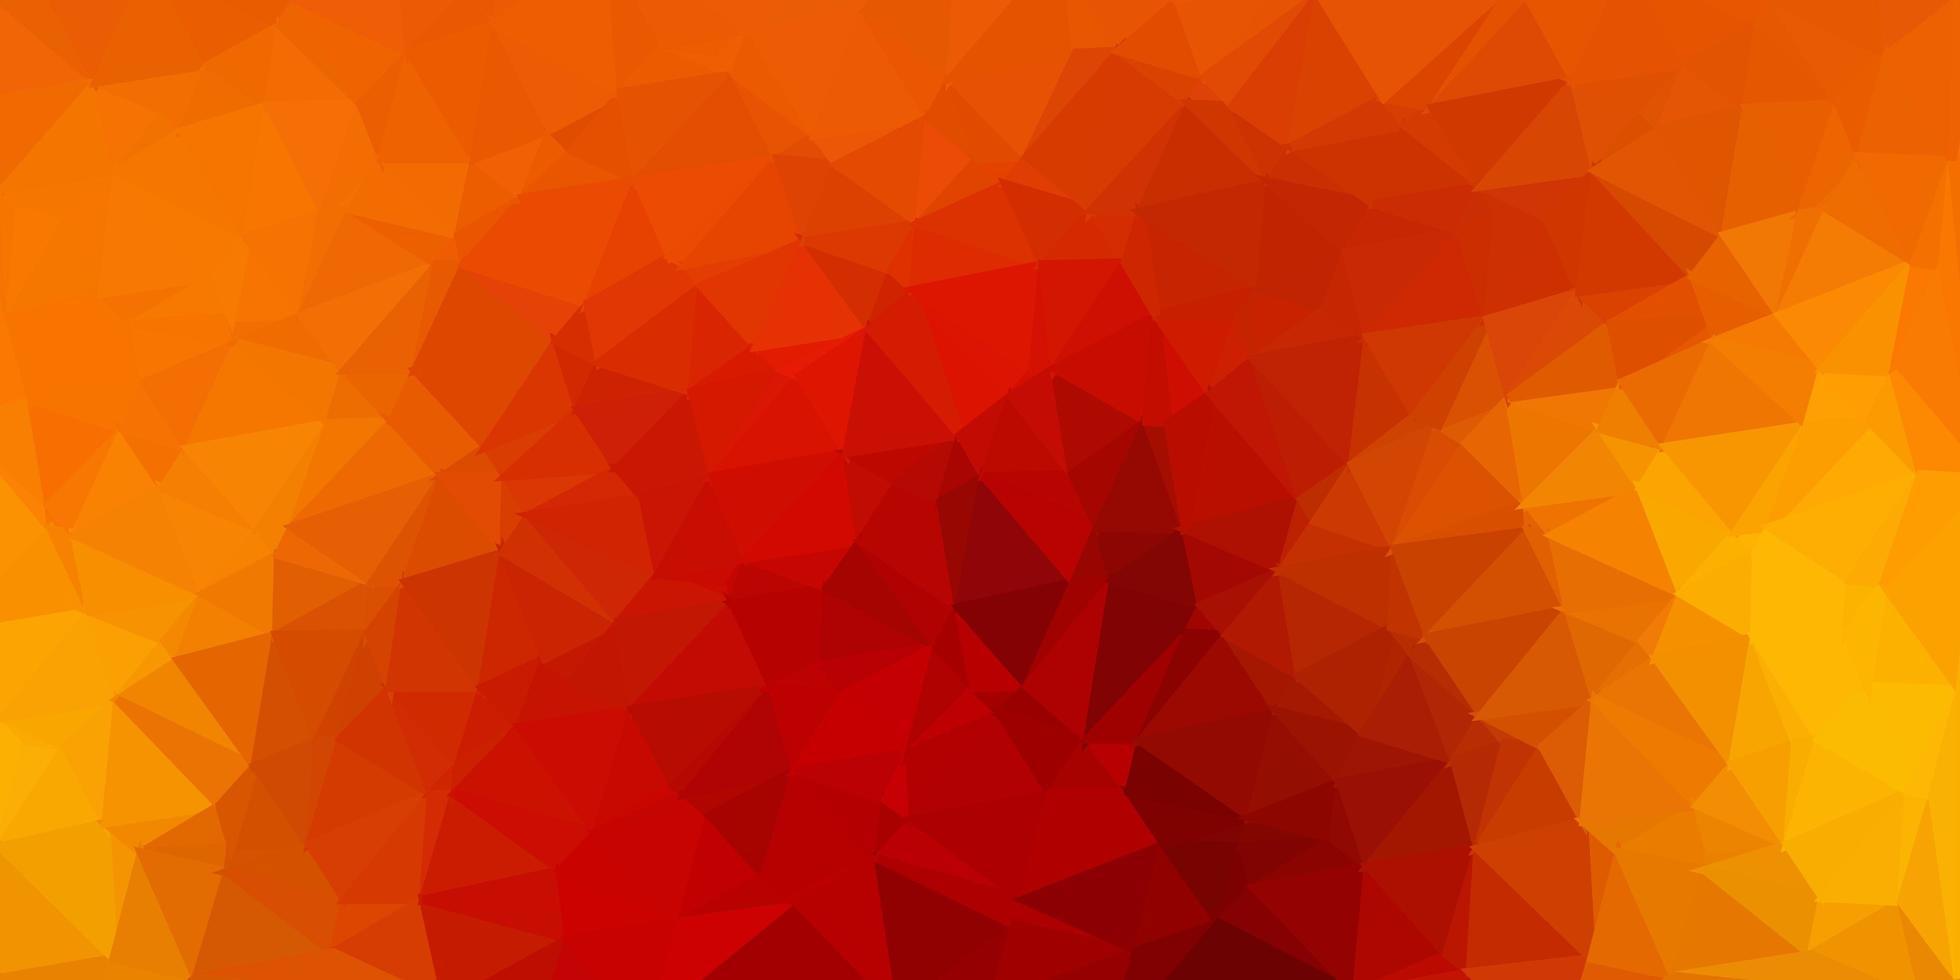 telón de fondo poligonal vector marrón oscuro.